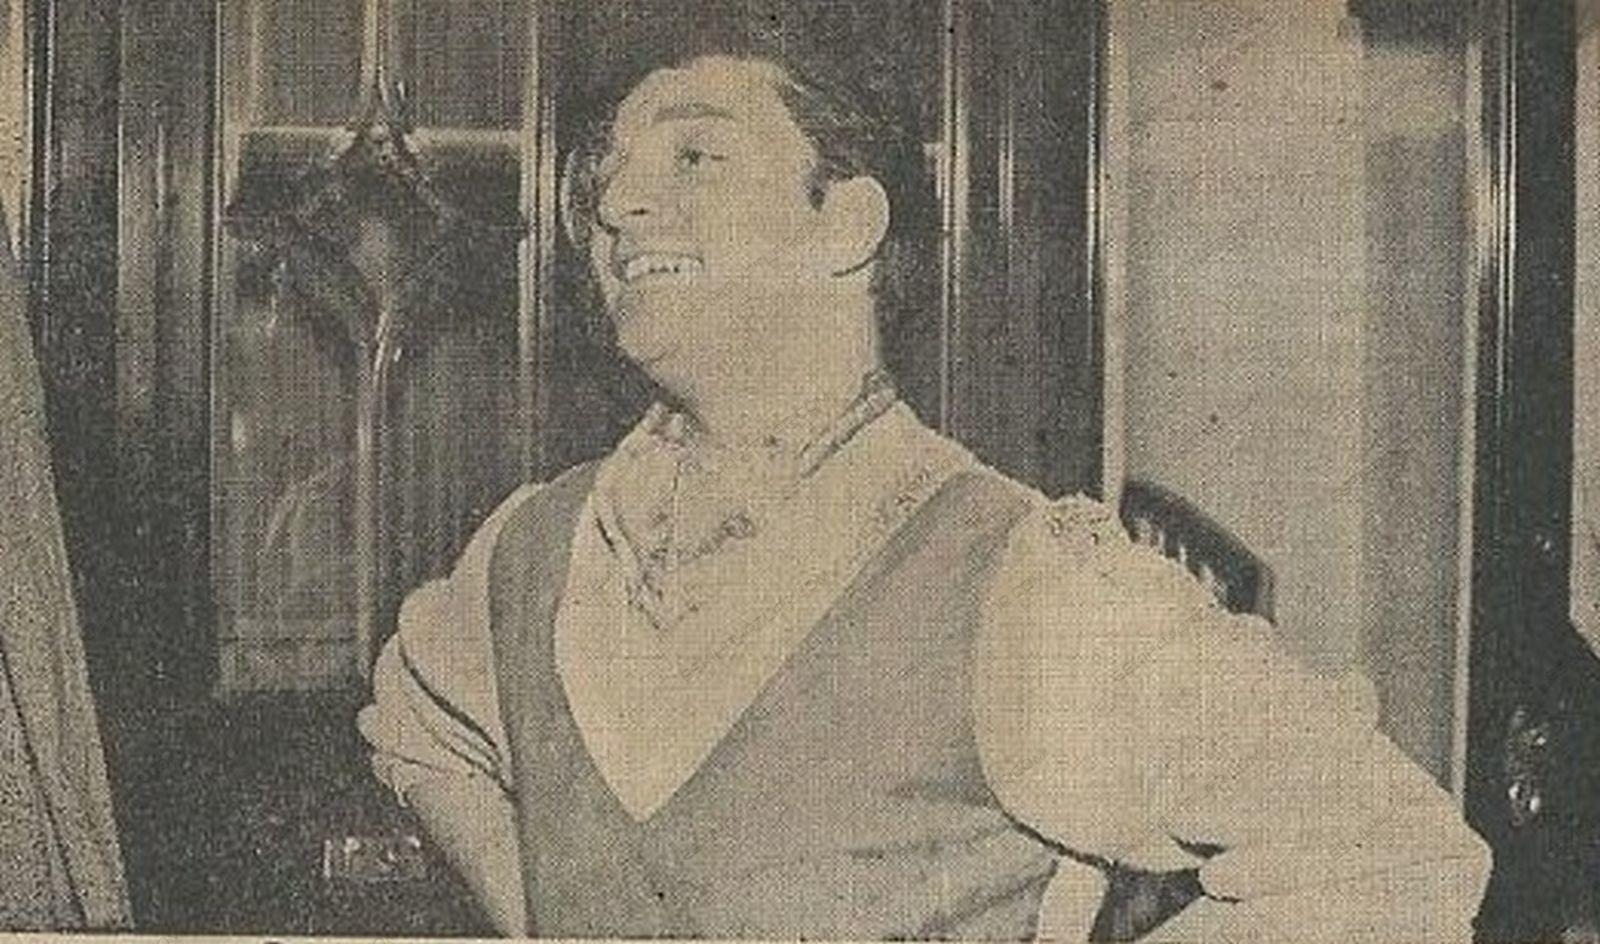 0356-zeki-muren-roportaji-1962-artist-dergisi (3)